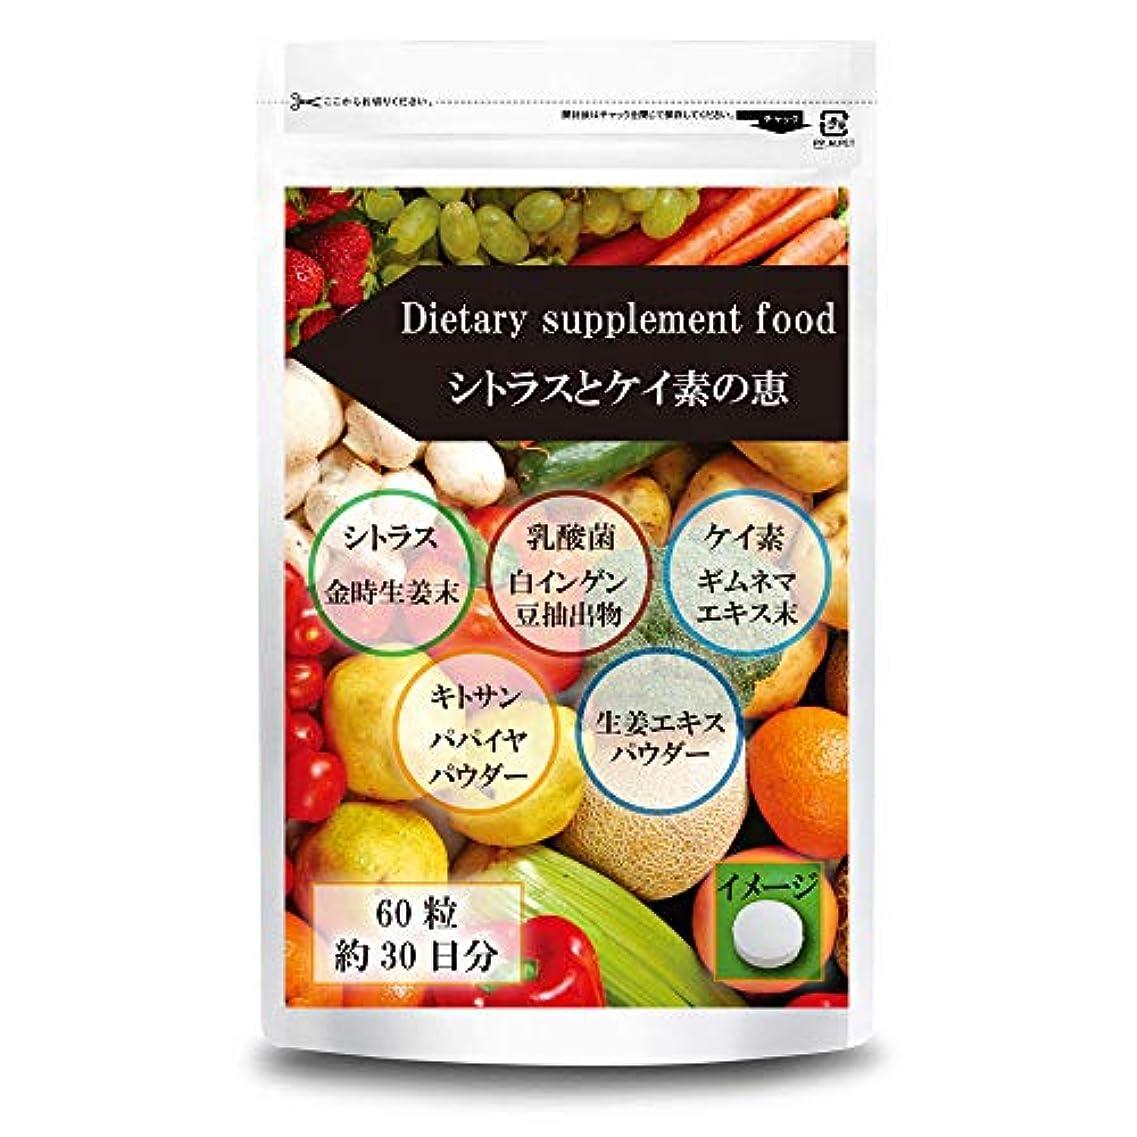 独裁日郵便物シトラスとケイ素の恵 トータルサポート ダイエット サプリメント 【60粒約30日分】